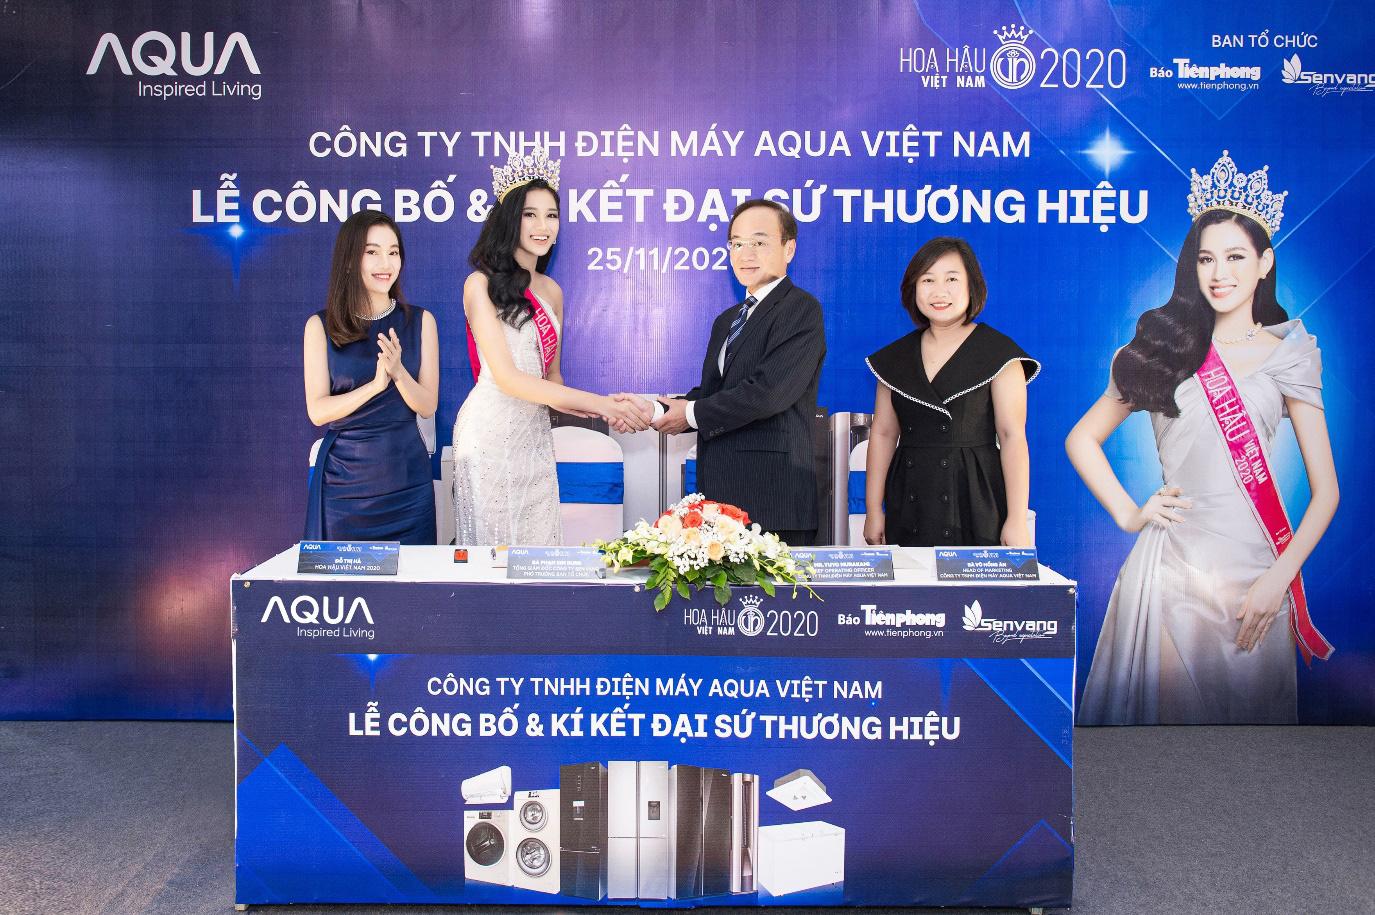 AQUA Việt Nam công bố Đỗ Thị Hà - Hoa hậu Việt Nam 2020 là đại sứ thương hiệu năm 2021 - Ảnh 3.